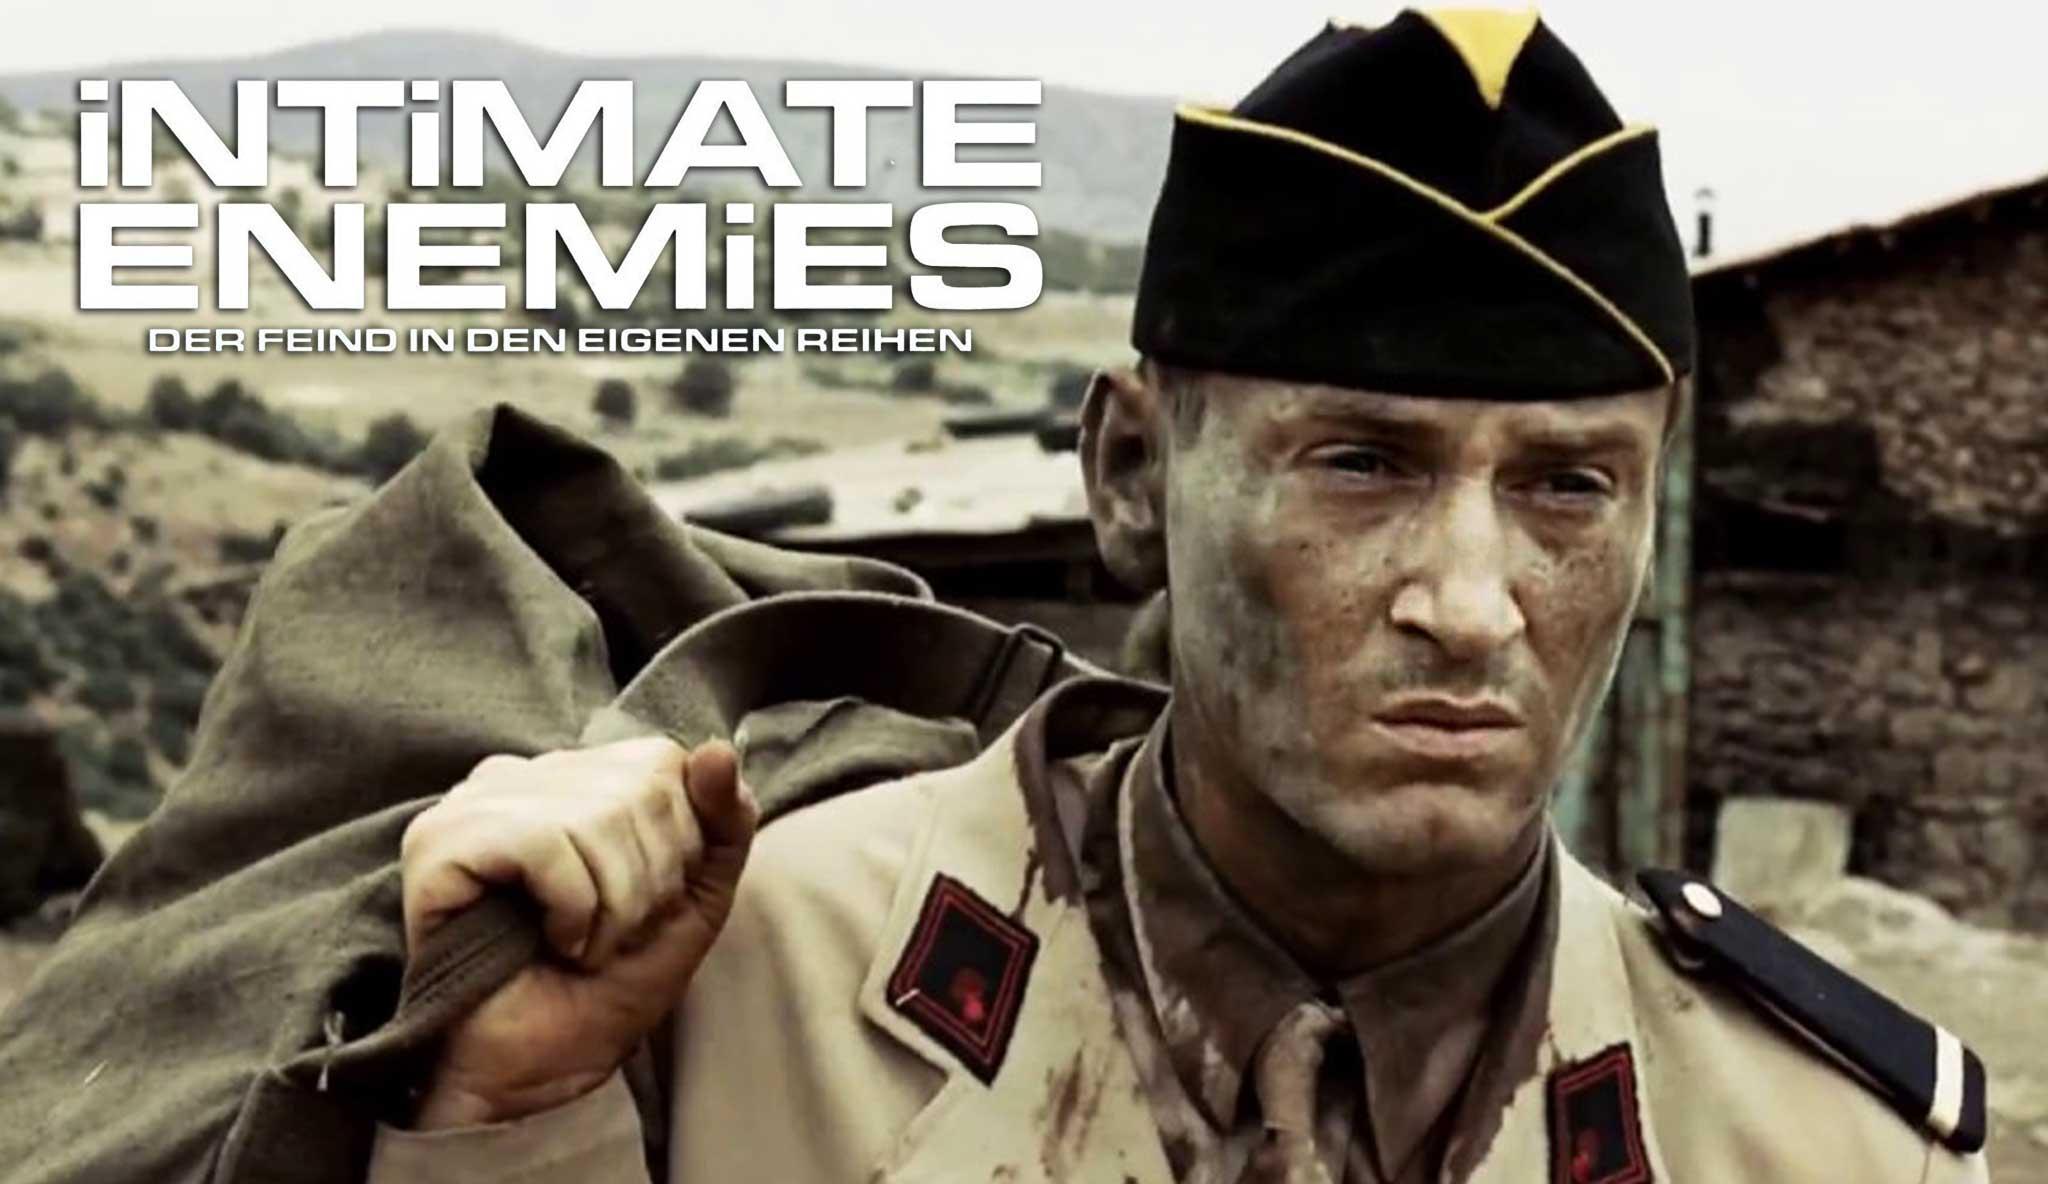 intimate-enemies-der-feind-in-den-eigenen-reihen\header.jpg